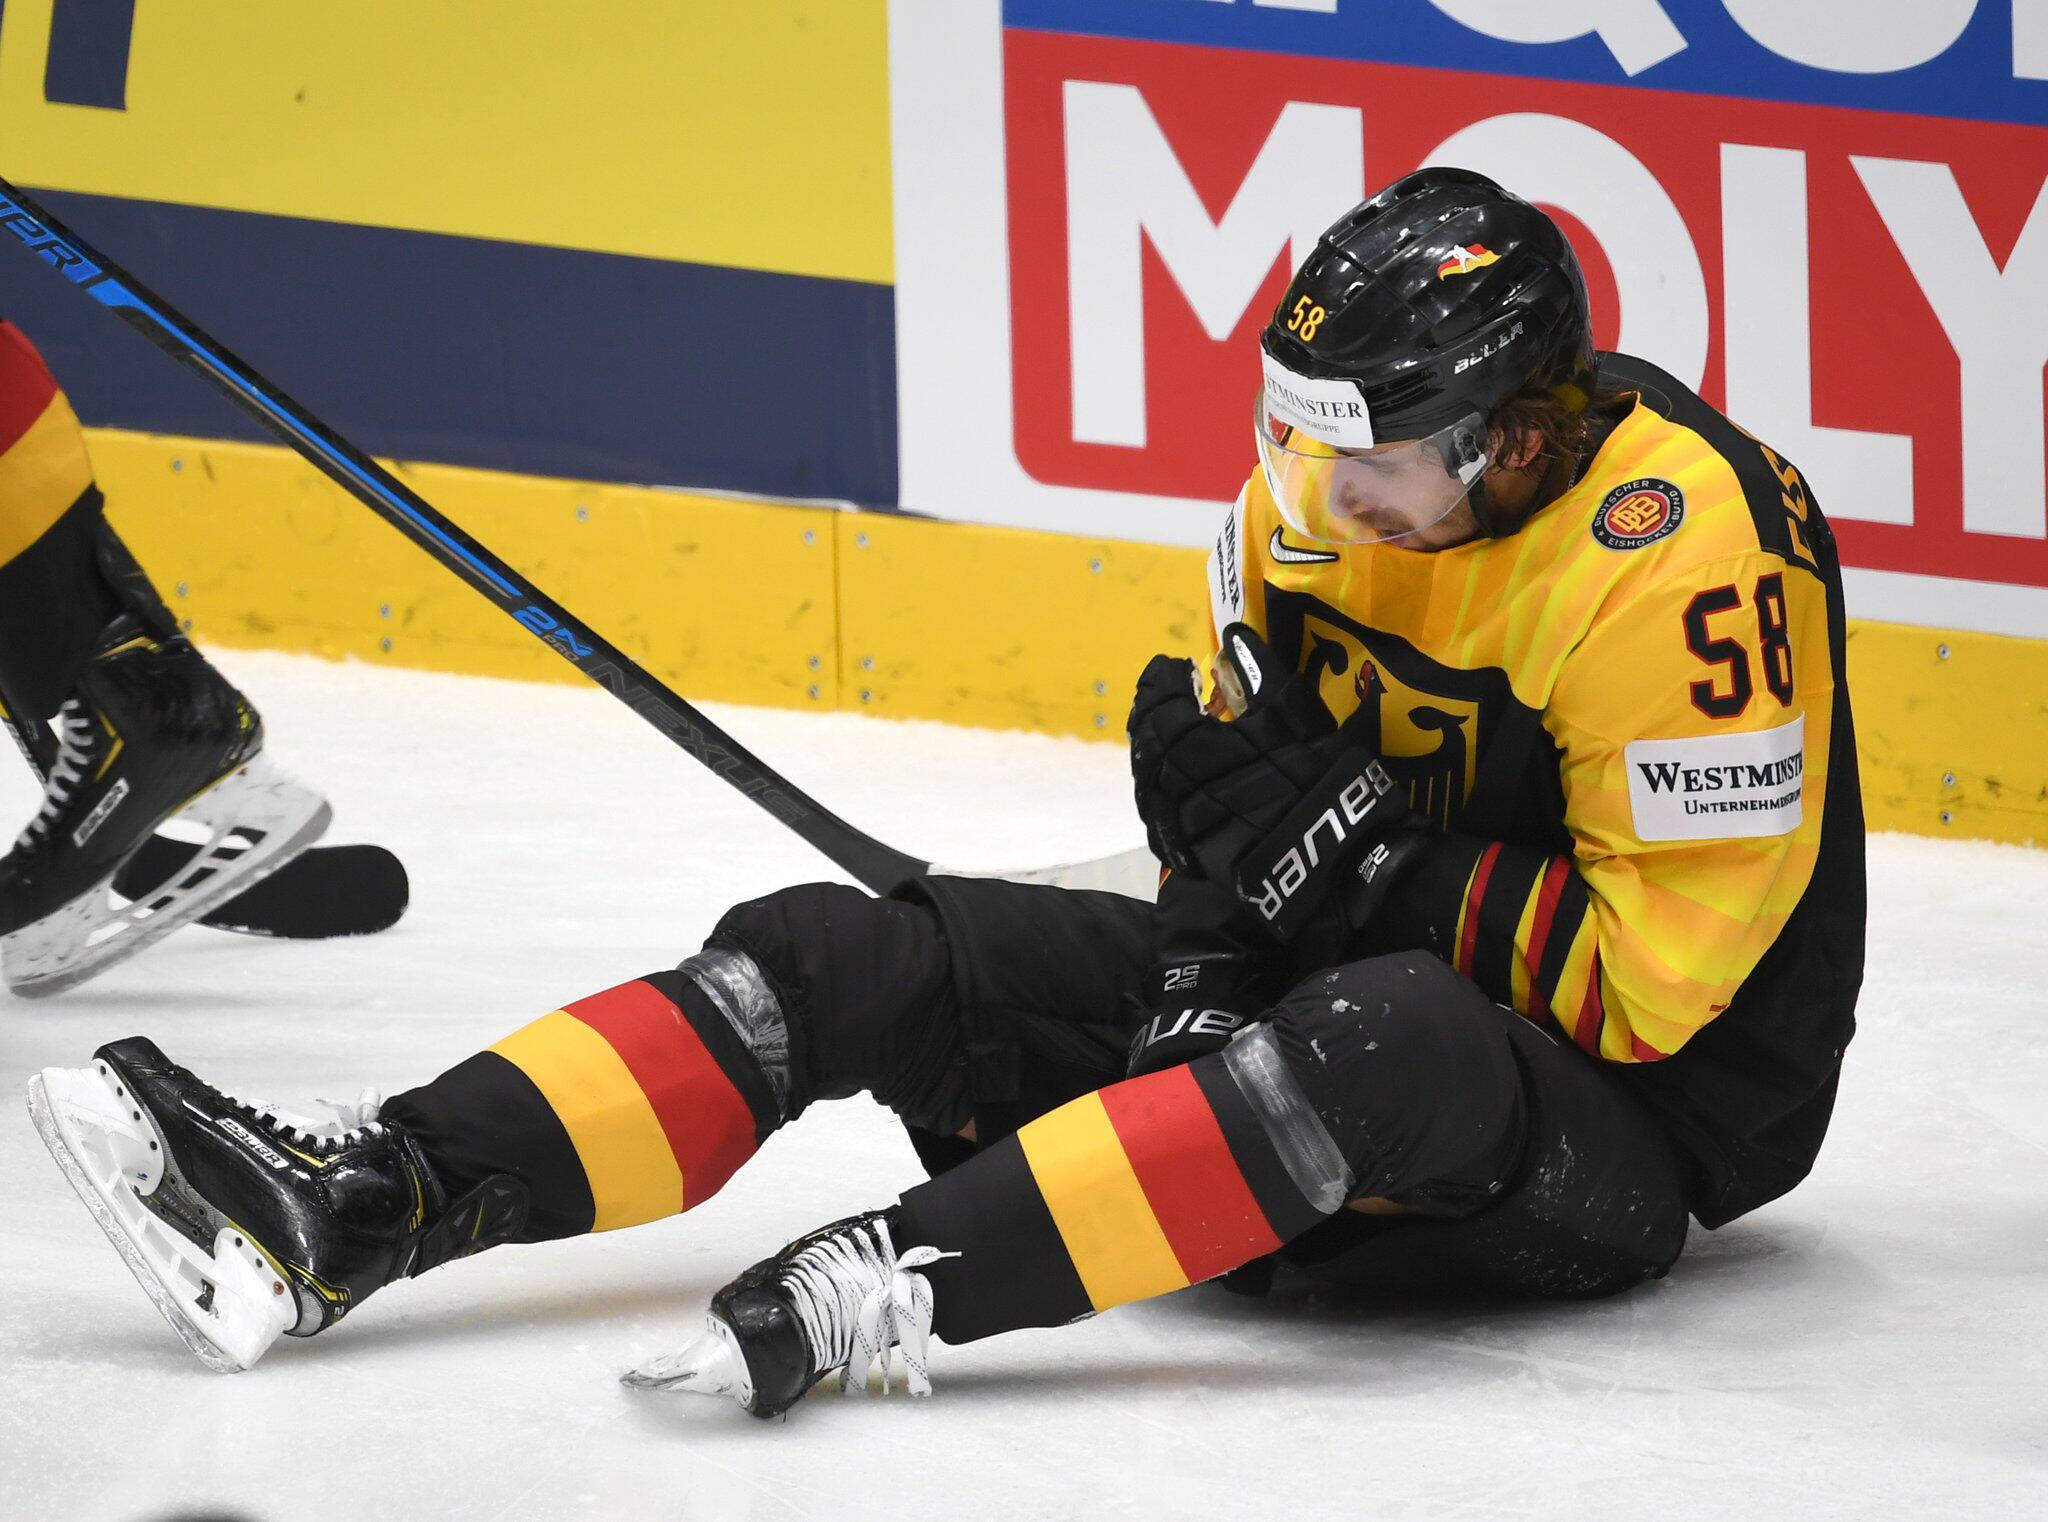 Bild zu Eishockey WM: Tschechien - Deutschland